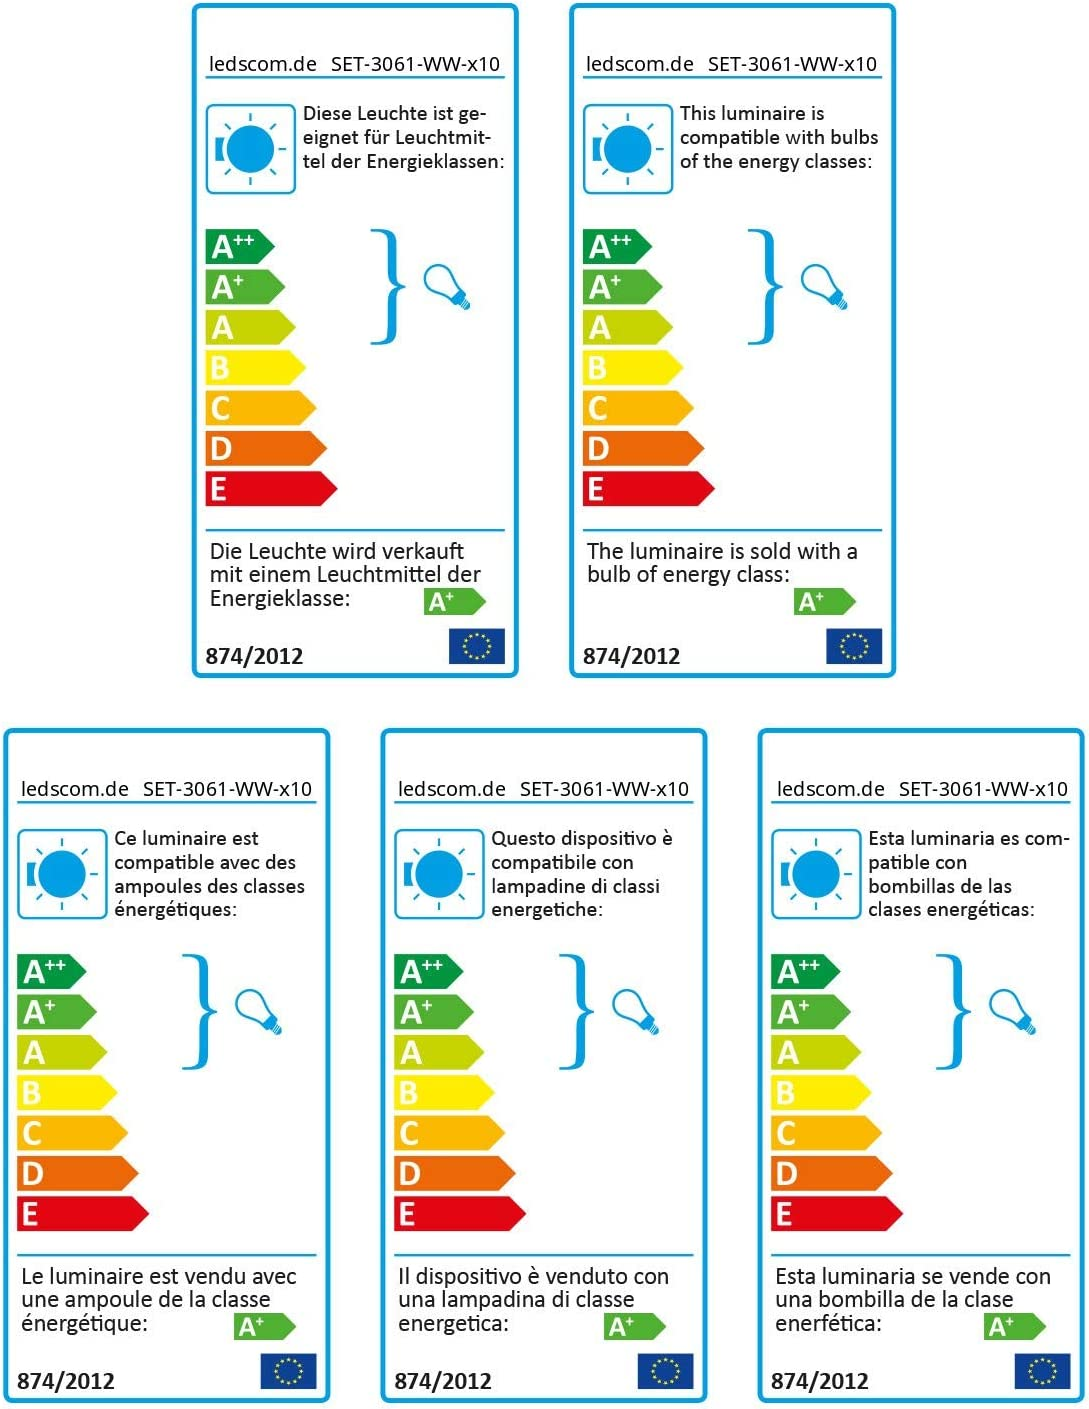 ledscom.de LED Einbauring Zobe Slim GX53 weiß matt rund 6.3W=40W 450lm warm-weiß 107mm Ø Lochkreis 90mm Ø, 10 STK. 10 Leuchten; 830 Lm (=62w) / Lichtfarbe: Warmweiß